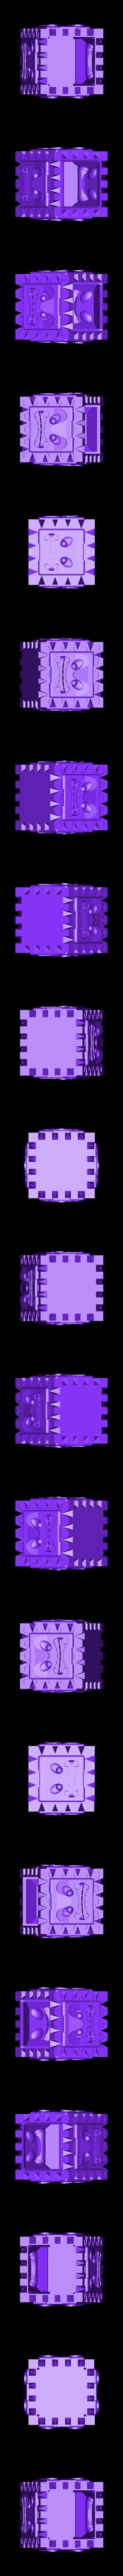 79af5e73 07cc 4c28 86f8 94f48df7b61f